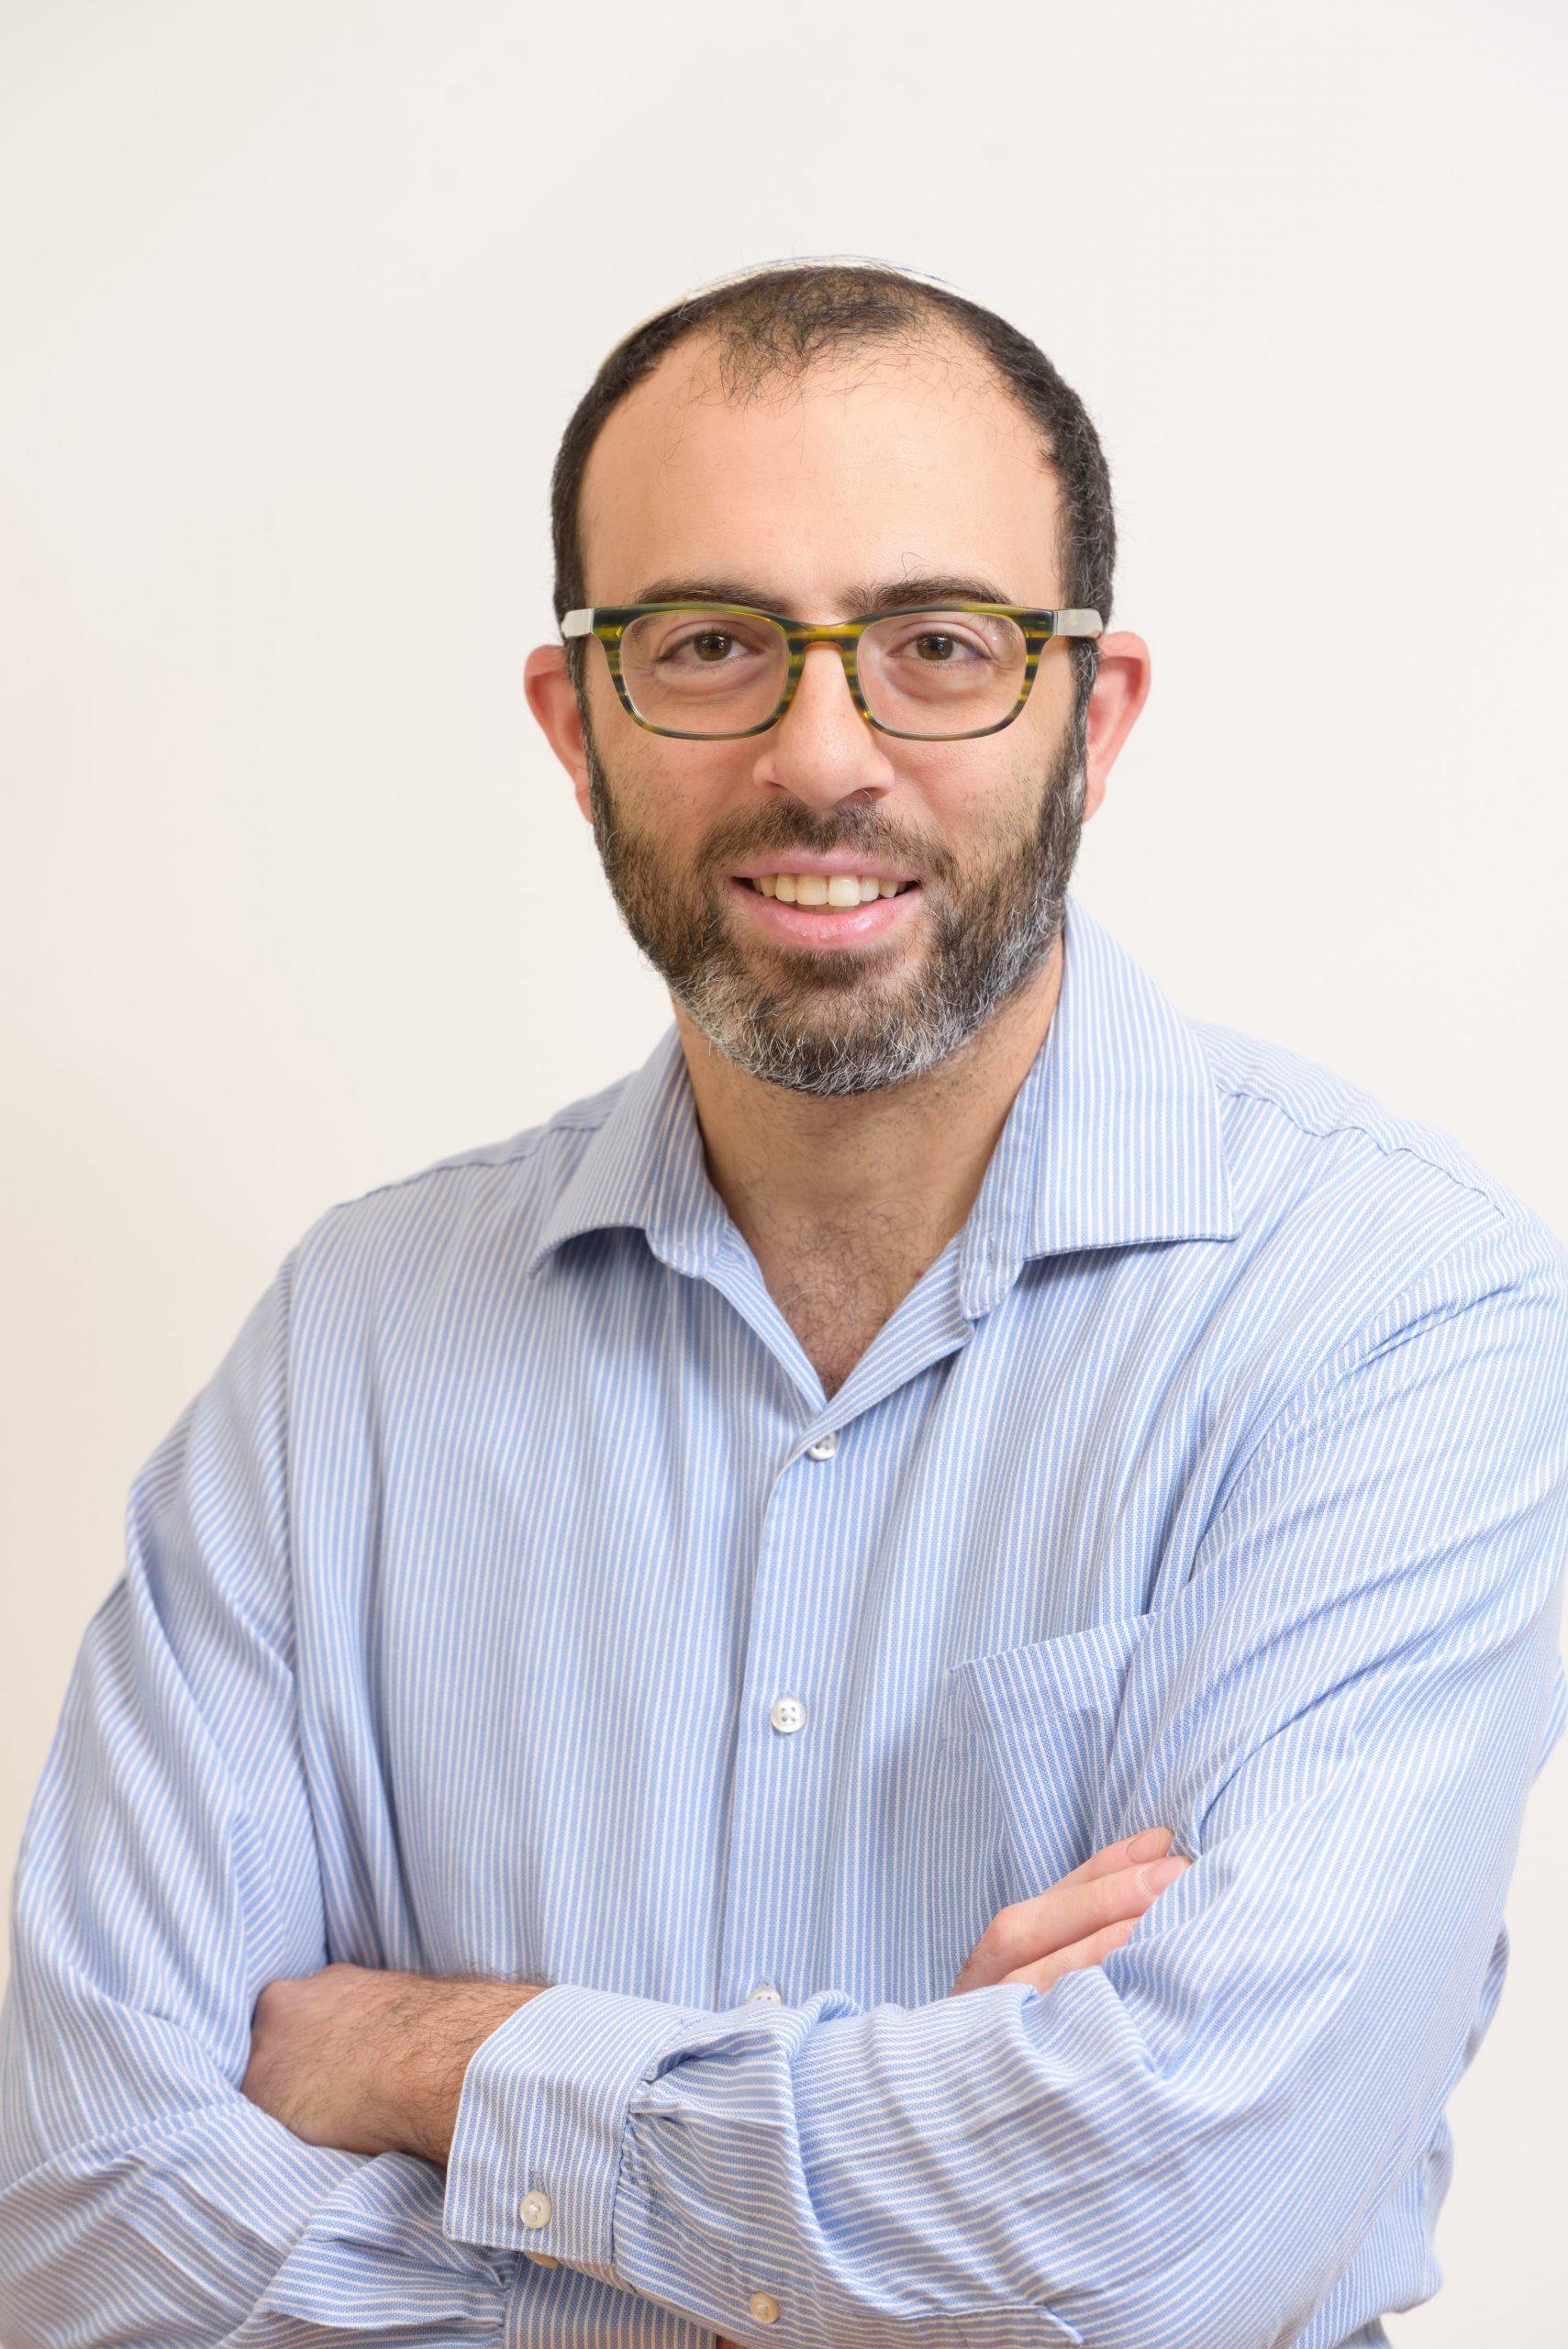 דוד מרדכי